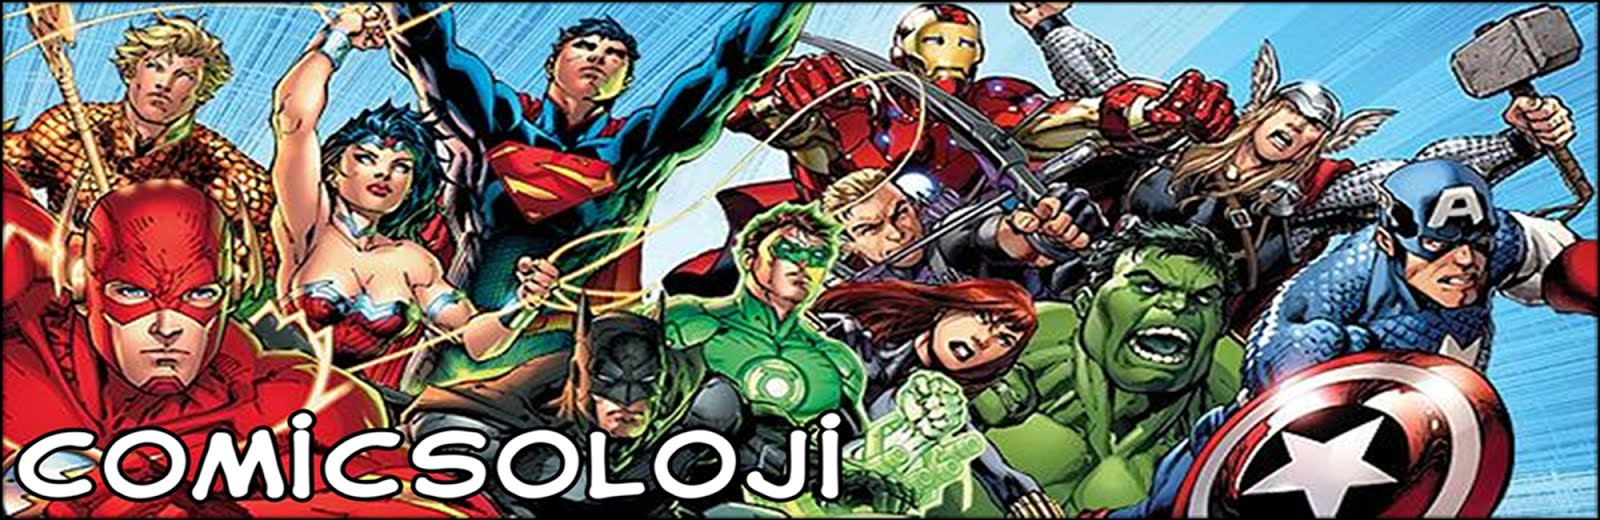 Comicsoloji - Türkçe Çizgi Roman